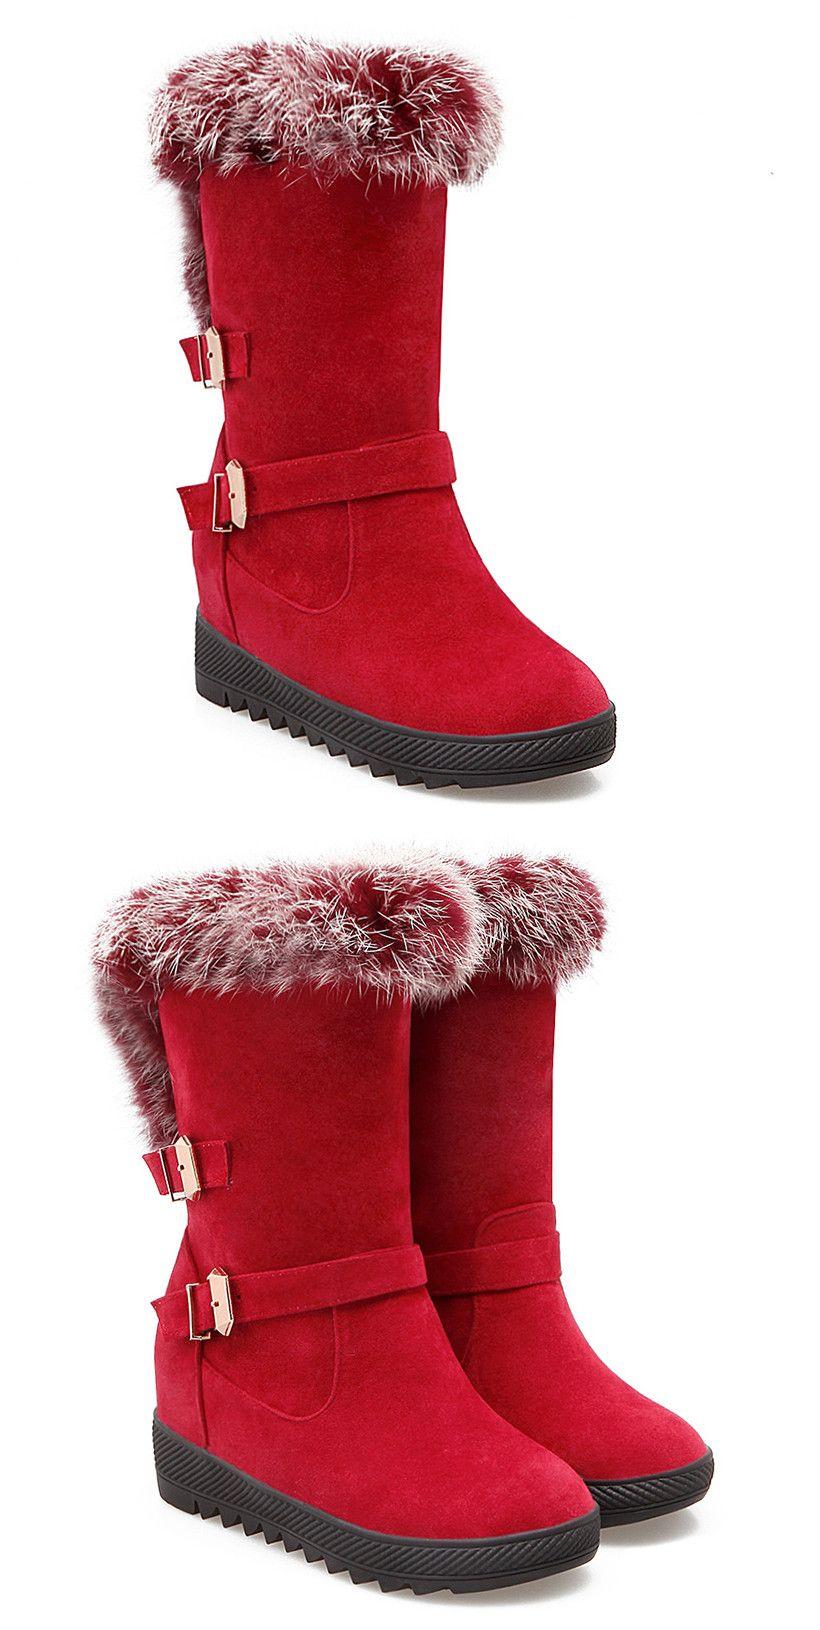 0e0b133f0da Hidden Wedge Buckles Faux Fur Snow Boots